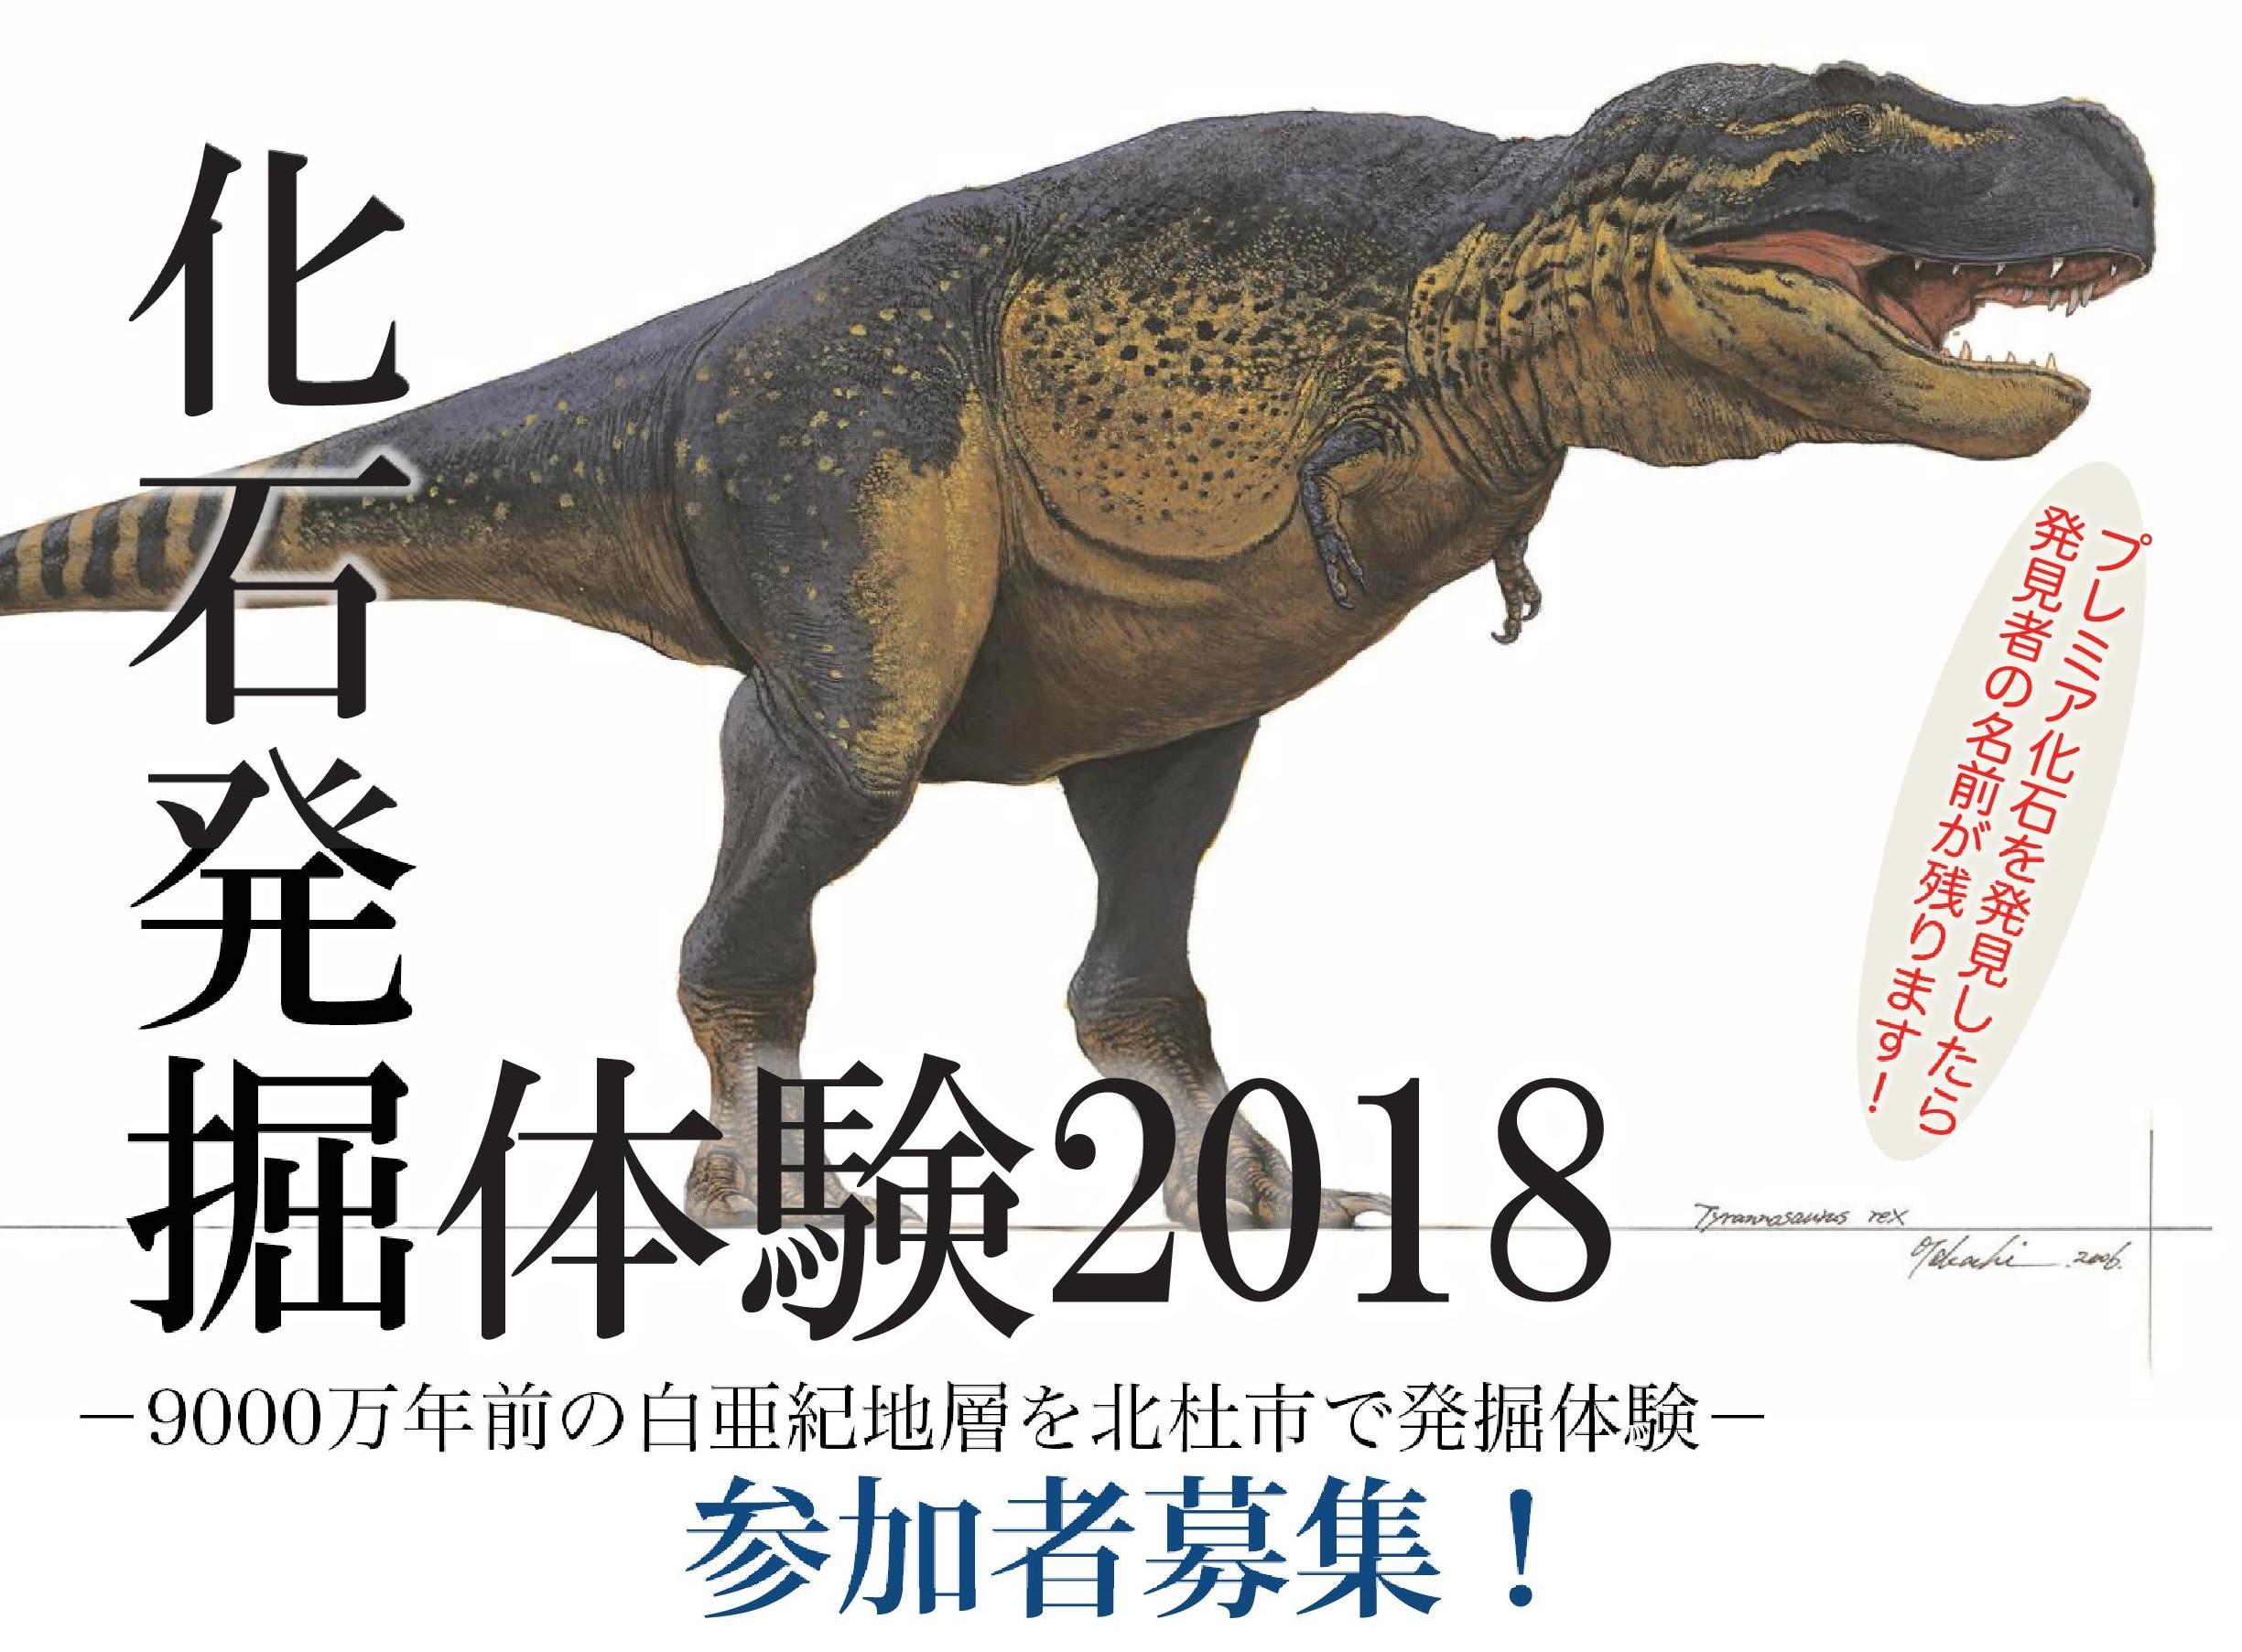 kaseki2018_top